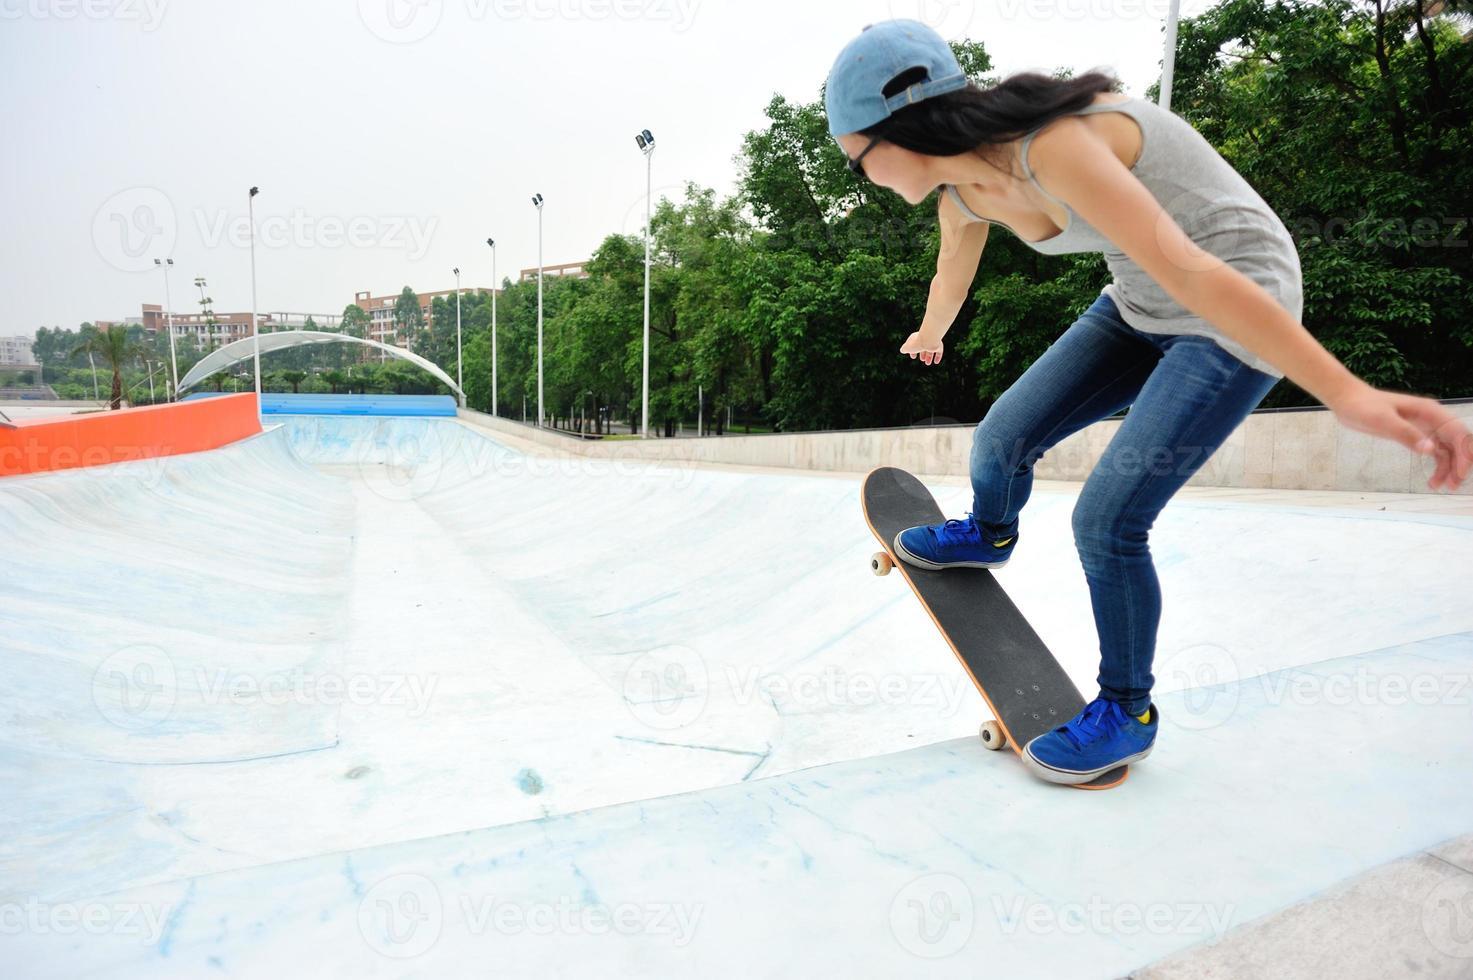 gambe da skateboard foto